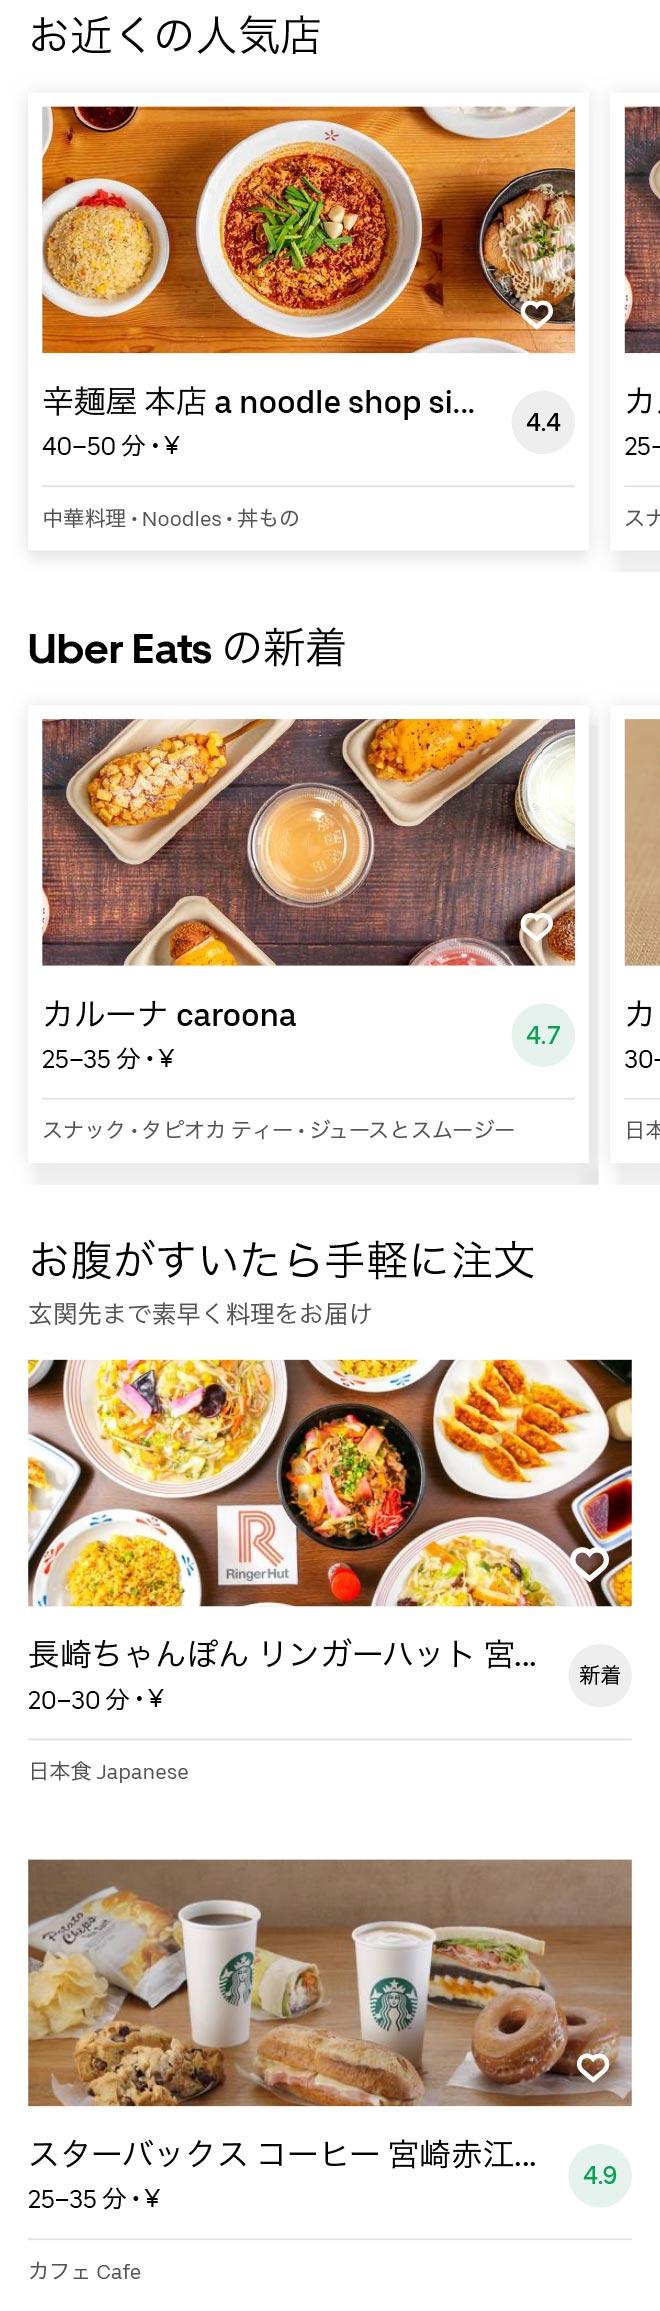 Tayoshi menu 2009 1